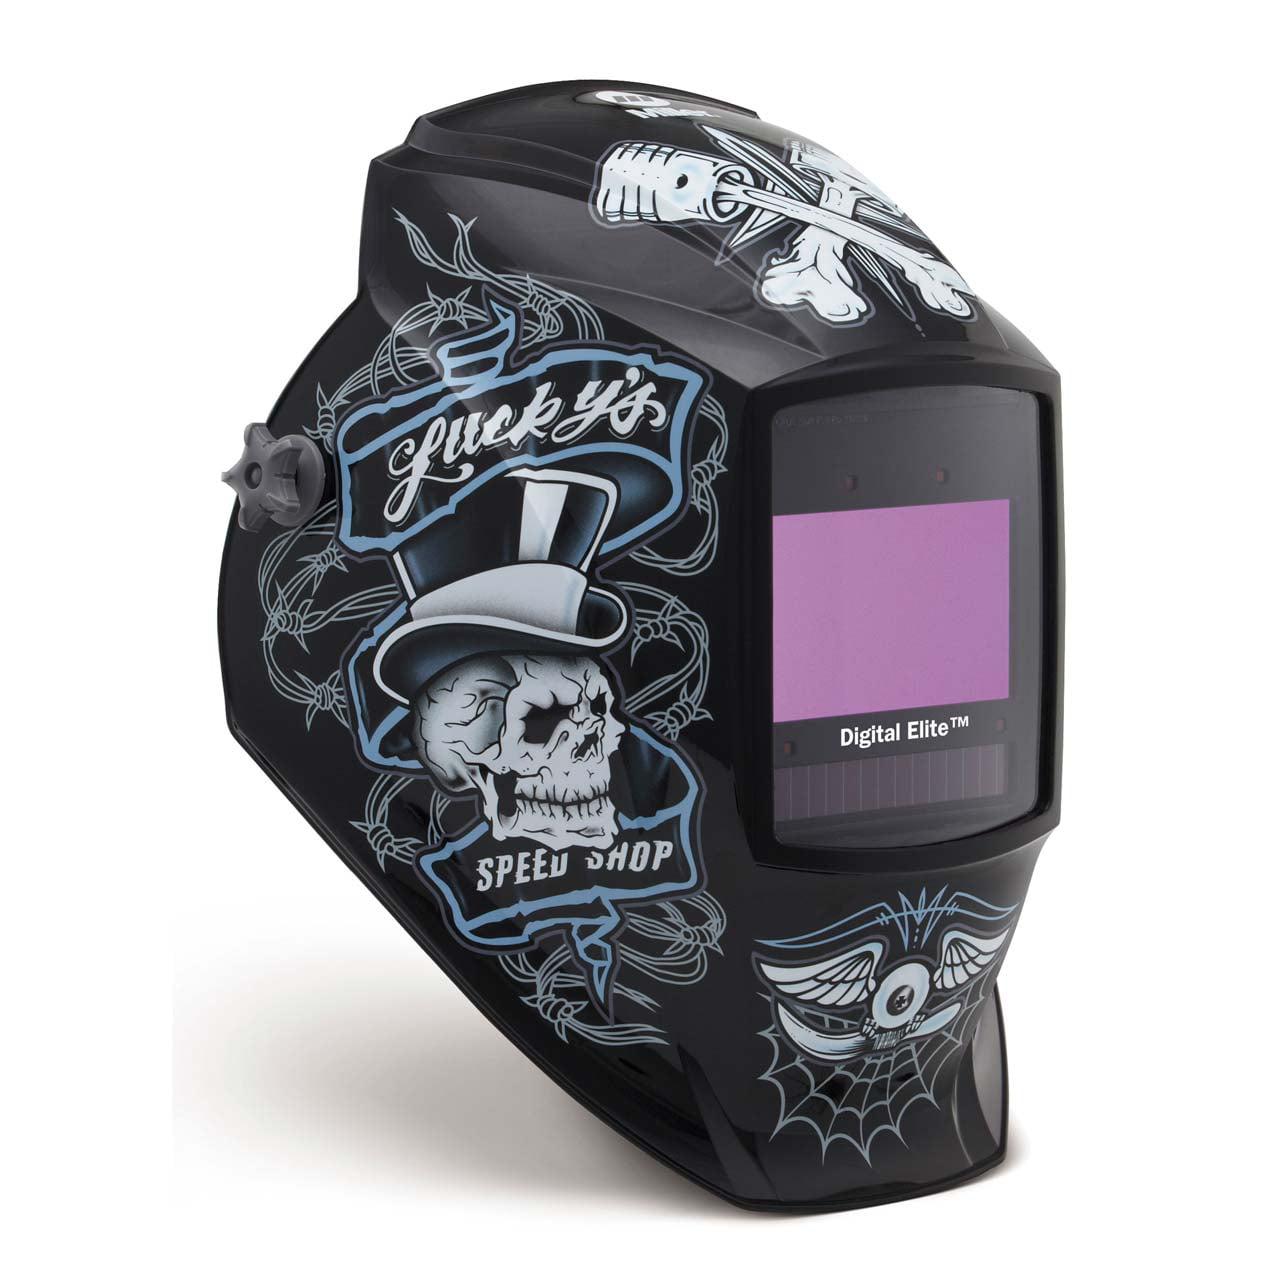 Miller 281001 Digital Elite Welding Helmet with ClearLight Lens, Lucky's Speed Shop